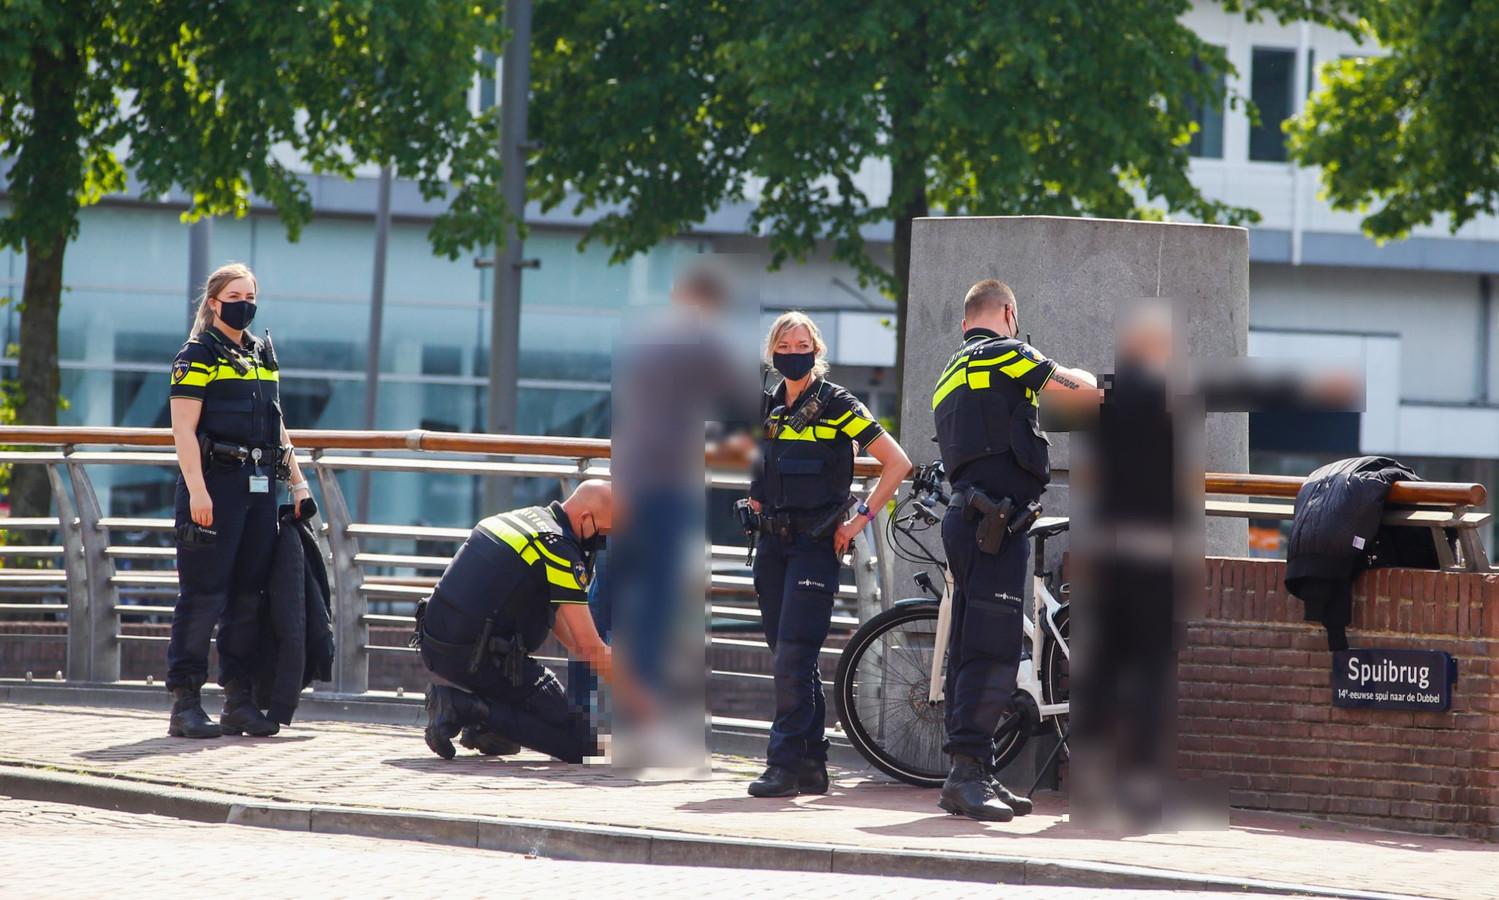 Op de Spuibrug in Dordrecht was zaterdag een preventieve fouilleeractie.